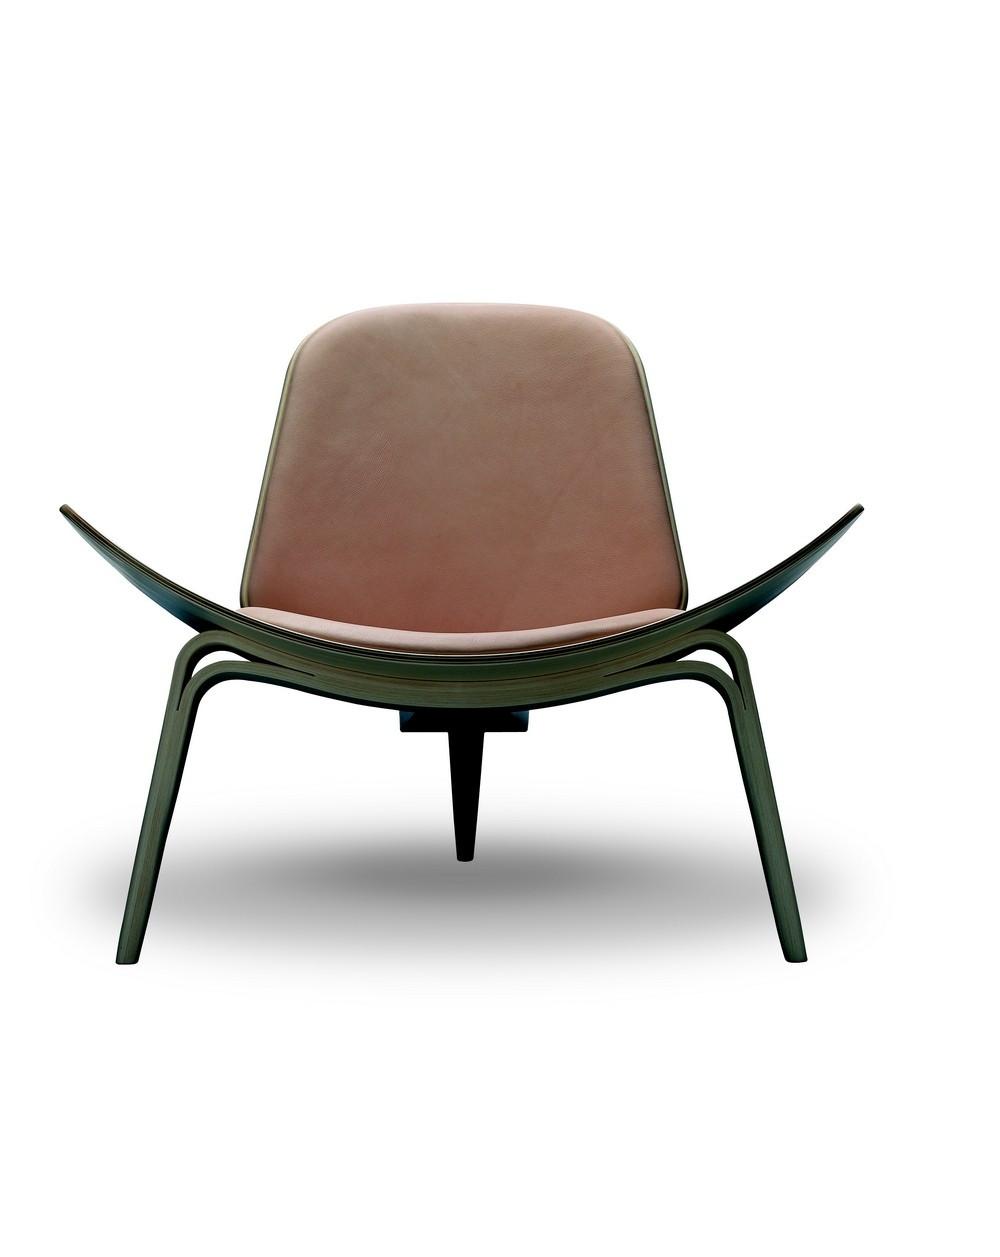 Fauteuil CH07 Tripede, design Hans J. Wegner pour Carl Hansen